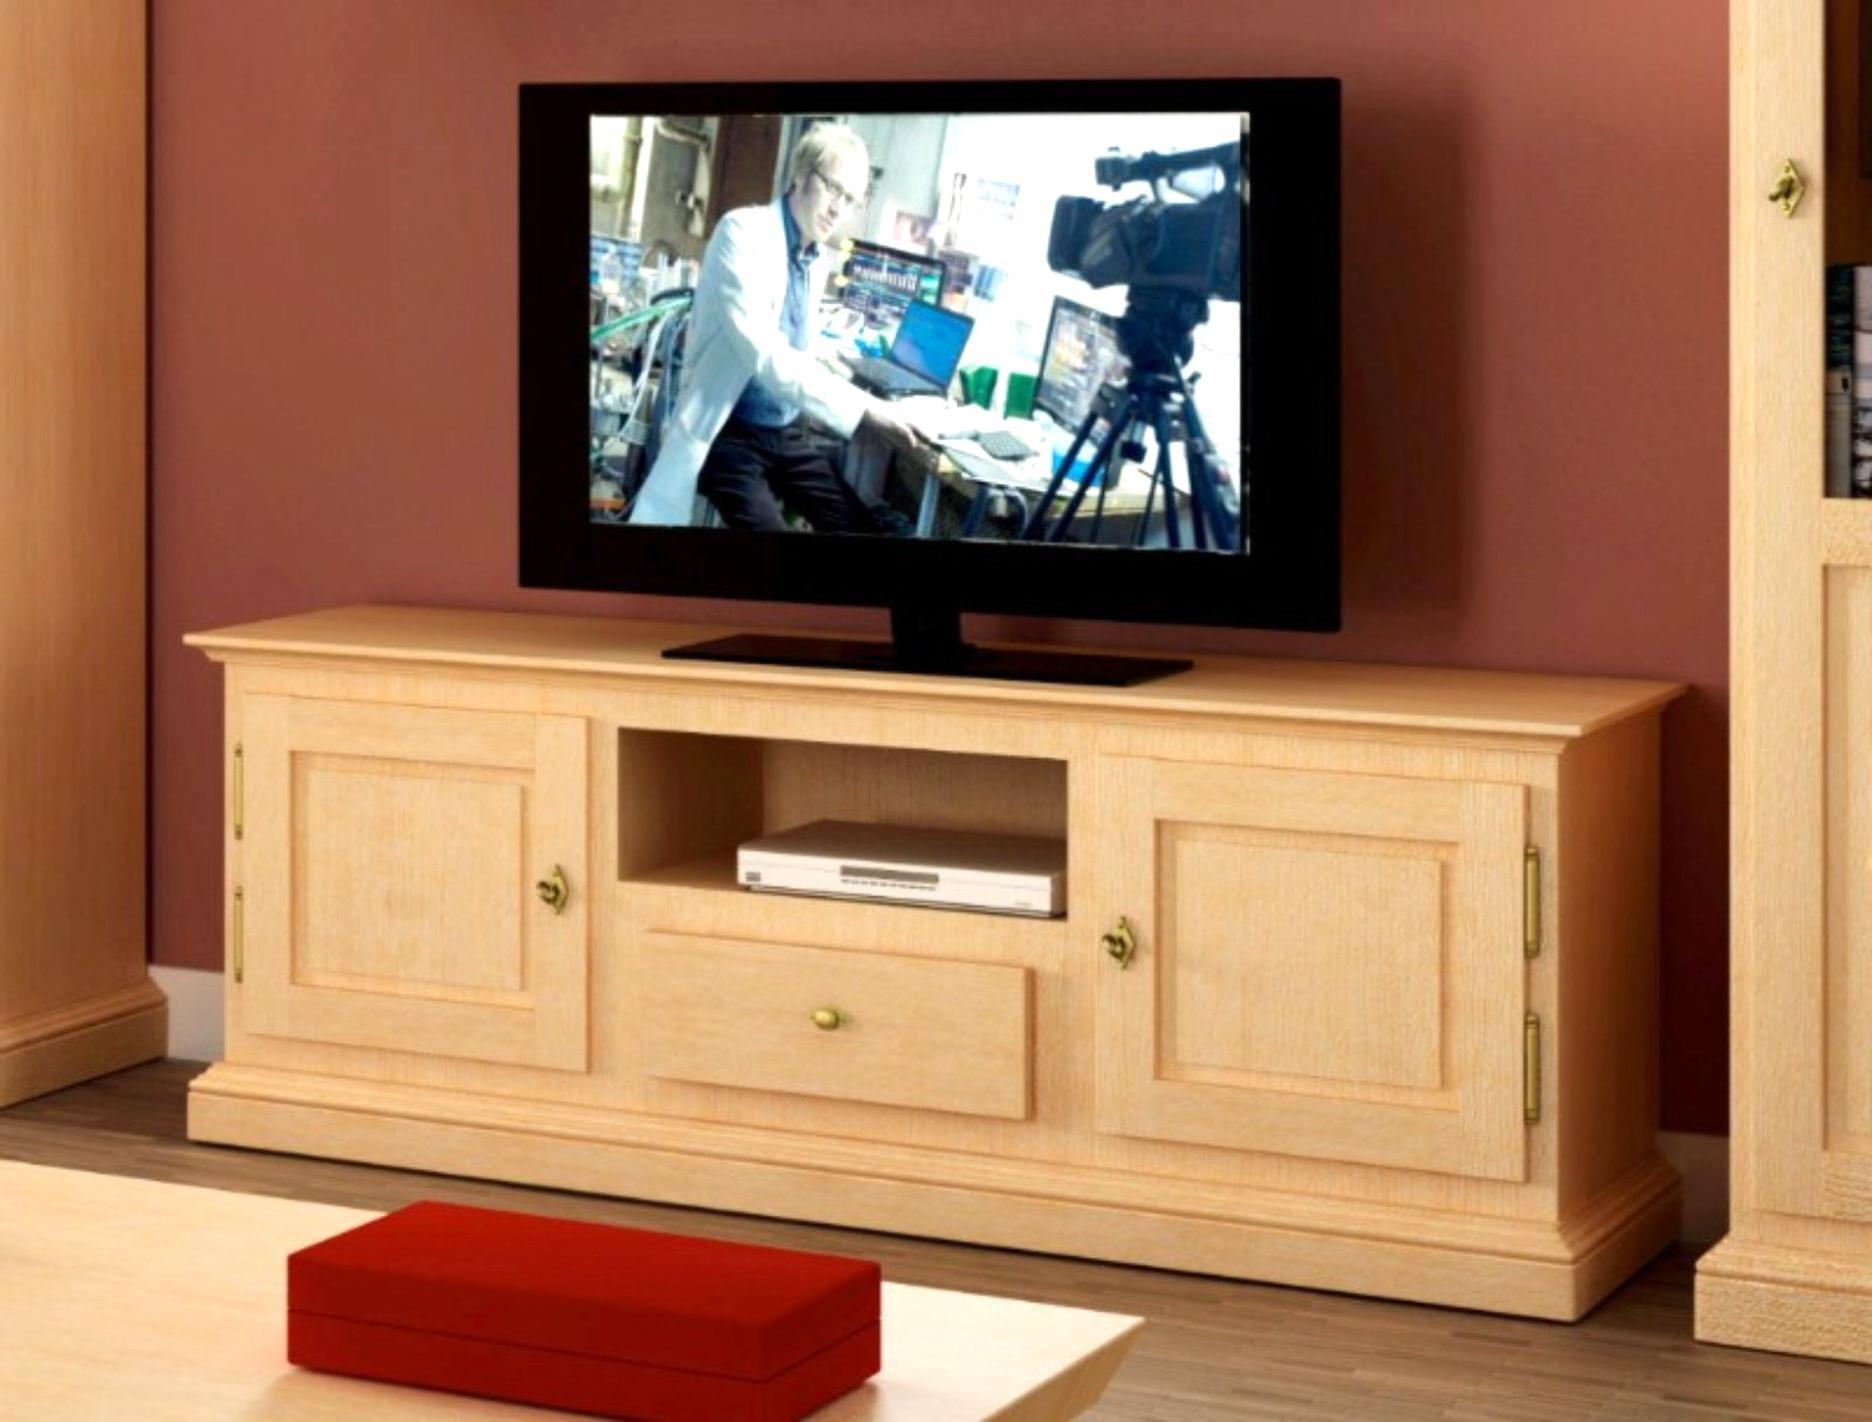 Gebraucht Tv Kaufen